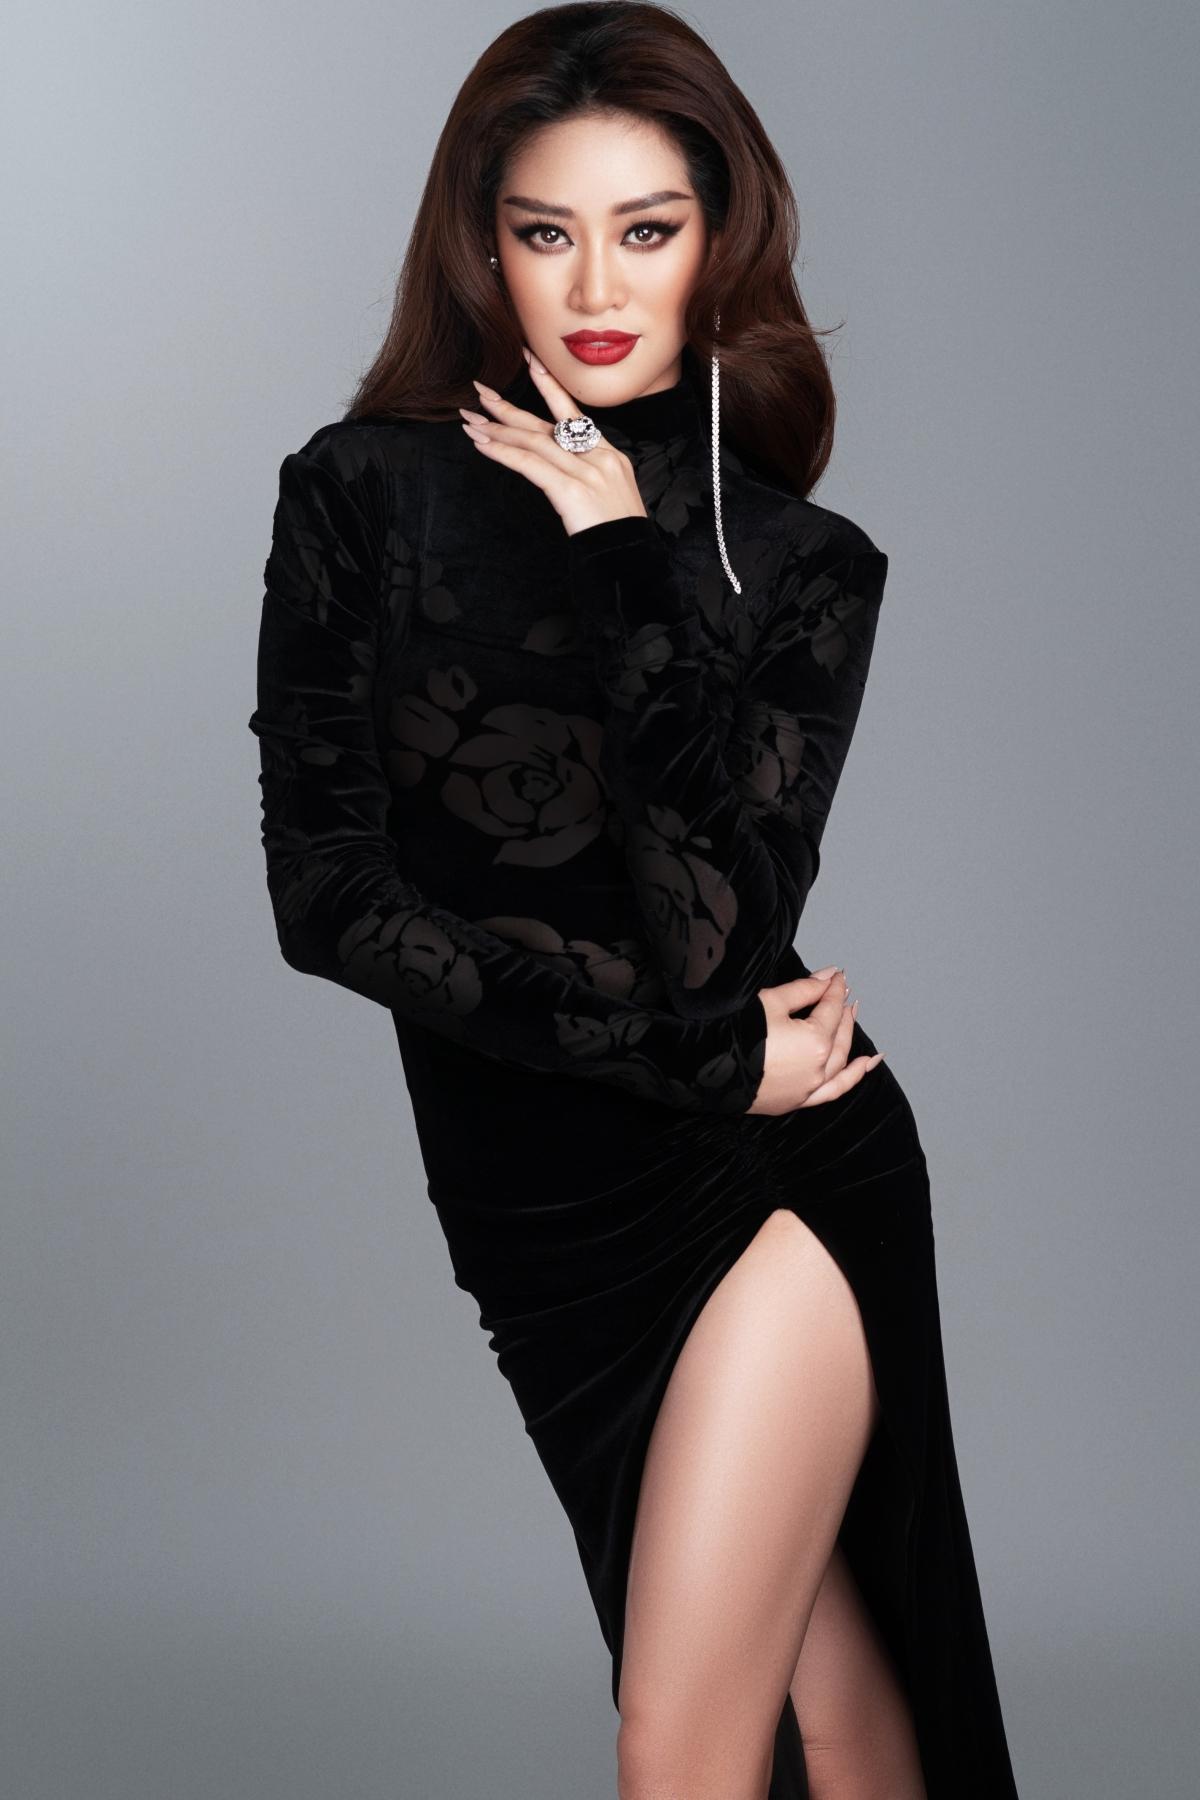 Trước thềm diễn ra bán kết, Khánh Vân hé lộ bộ ảnh trong trang phục dạ hội, được cô thực hiện tại Việt Nam. Mỗi bộ trang phục đều mang ý nghĩa, quảng bá nét đẹp văn hoá, con người Việt Nam.